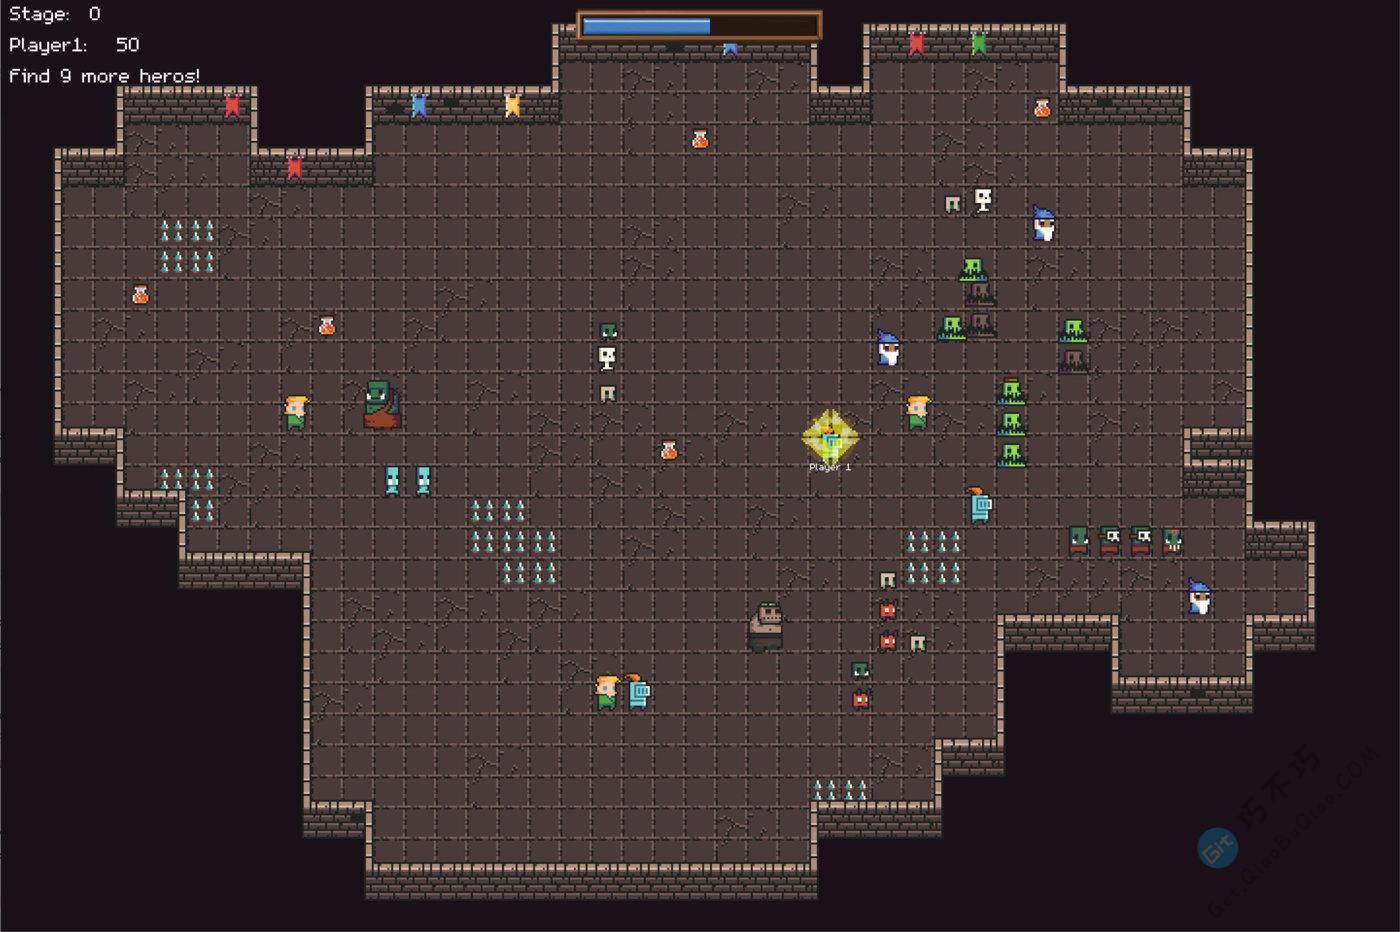 一款Windows上的贪食蛇游戏,风格独特,模式新颖,支持单机双人